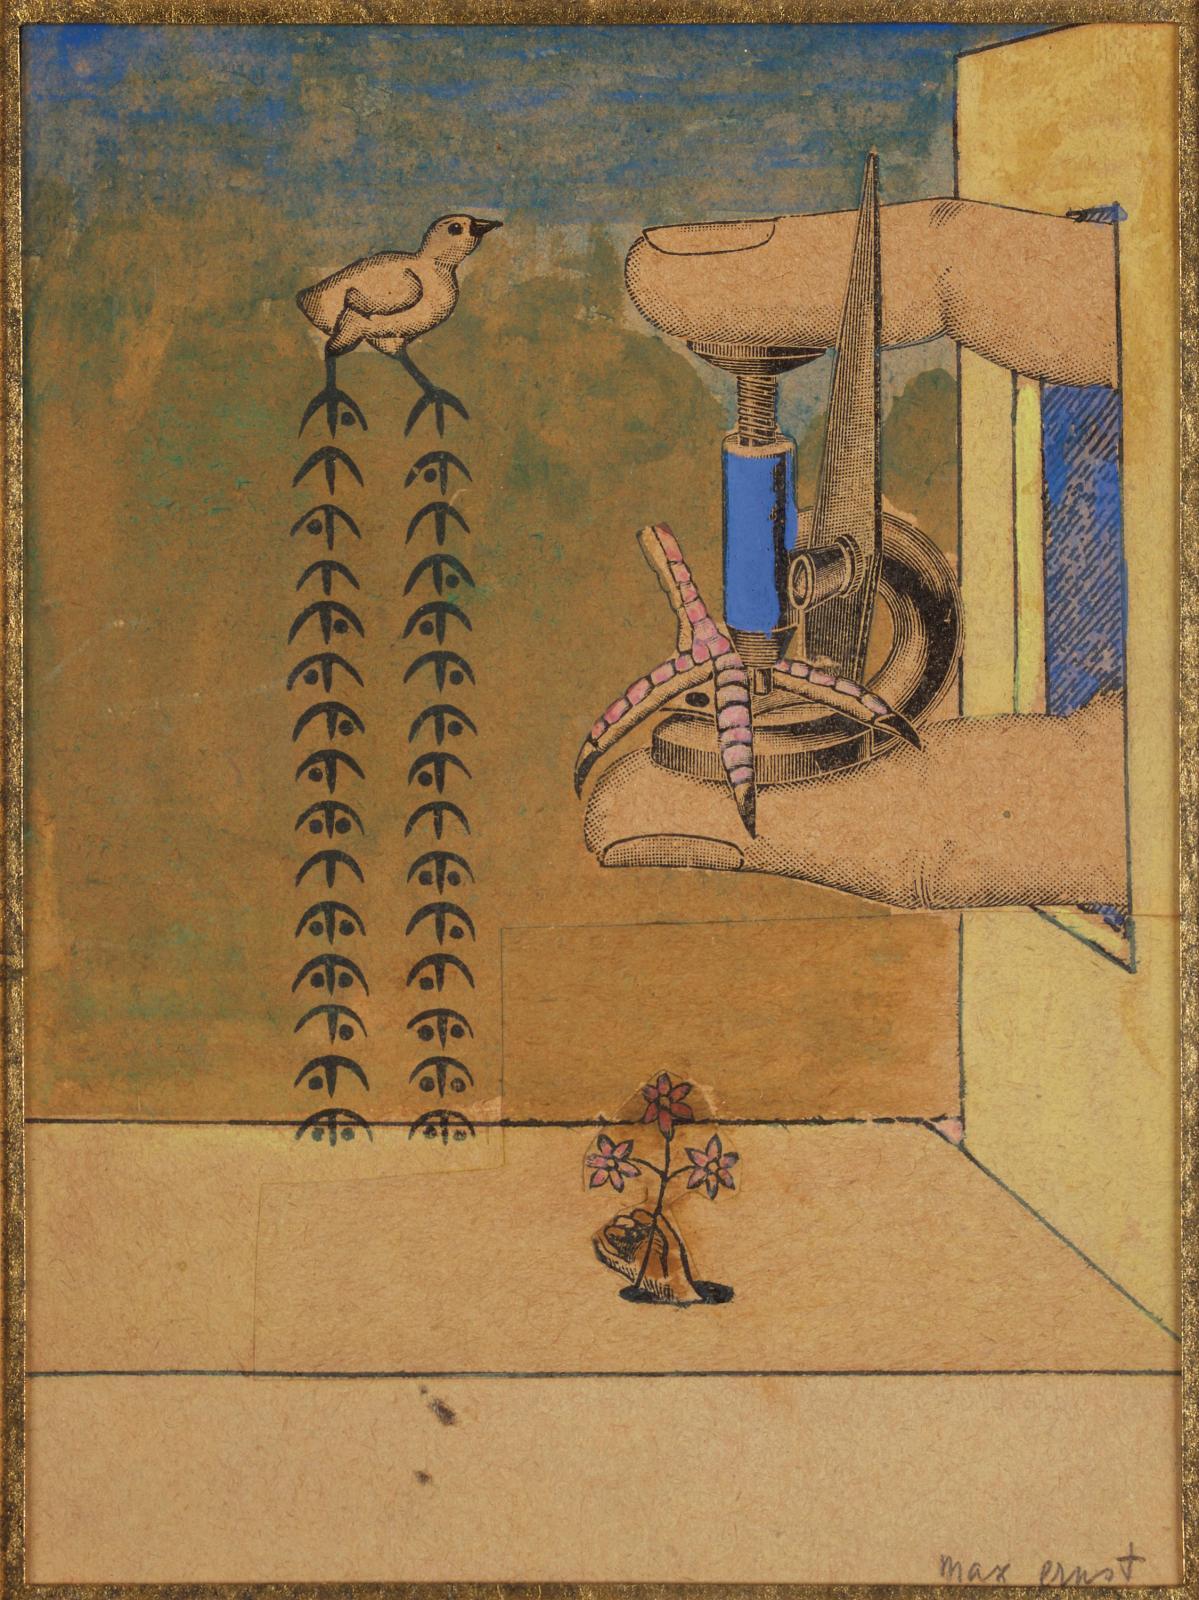 Max Ernst (1891-1948), L'Invention ou L'oiseau de l'infini, 1921, collage et gouache, 10,5x7,8cm (détail). Estimation: 80000/100000€